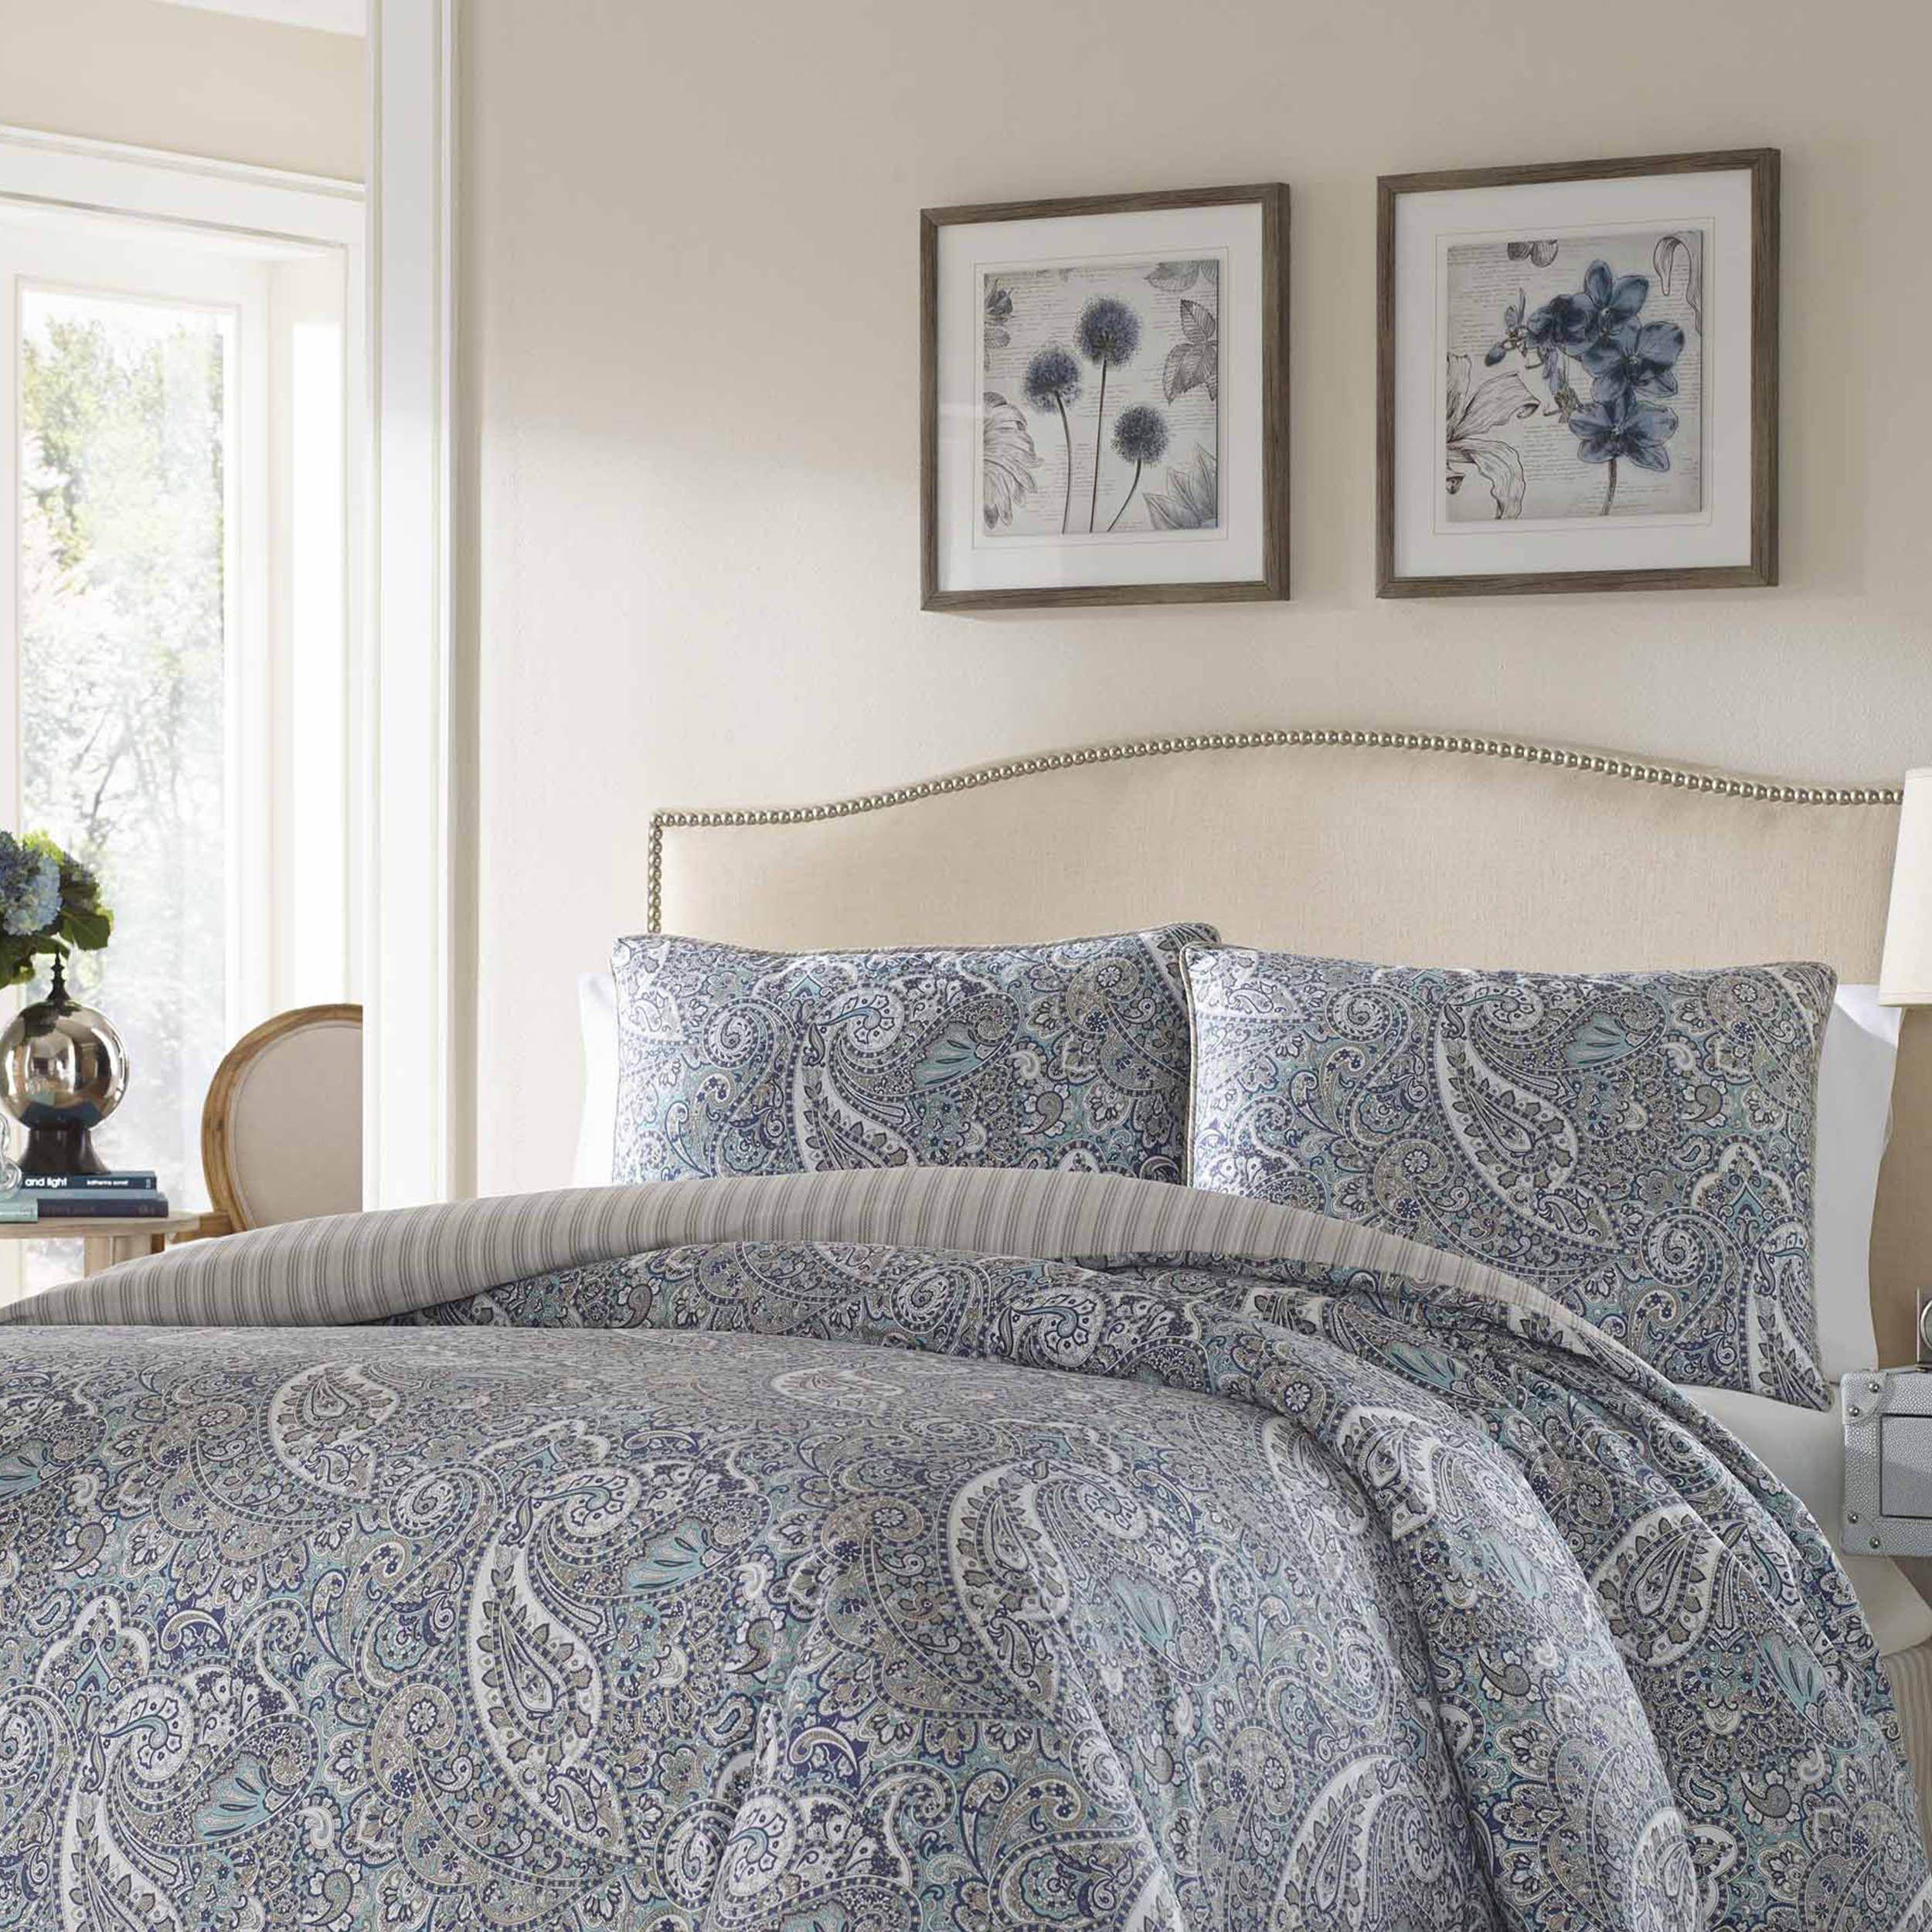 dbda44397ad9514d26479ce21cc4f50d - Better Homes And Gardens Indigo Paisley Comforter Set